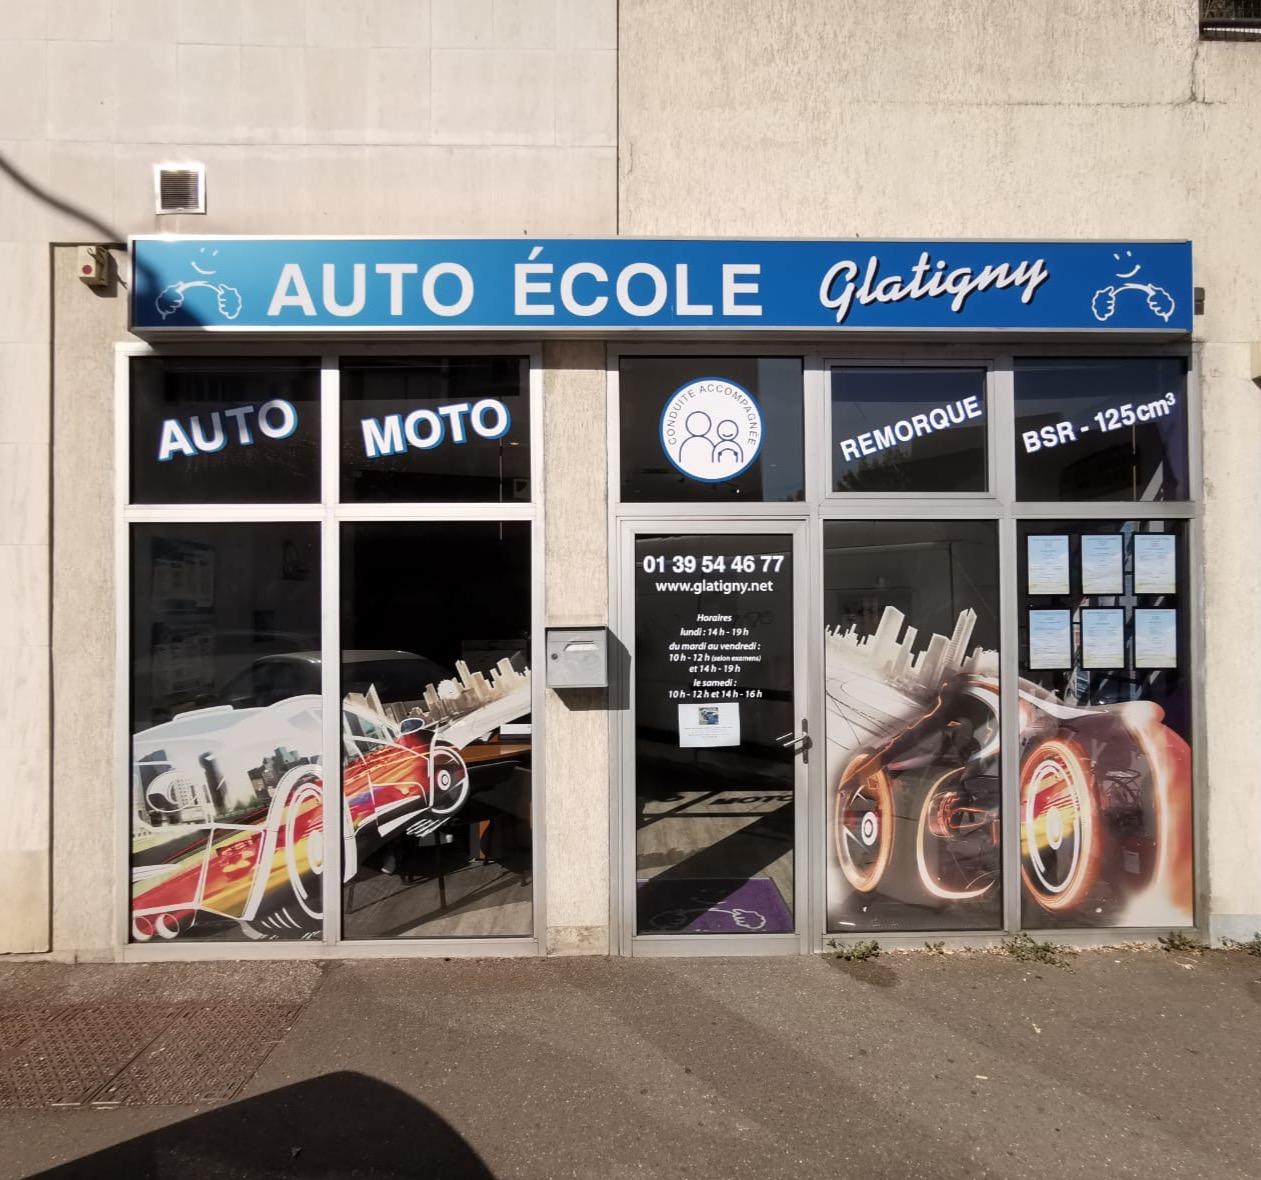 devanture de l'auto-école Glatigny à Le Chesnay